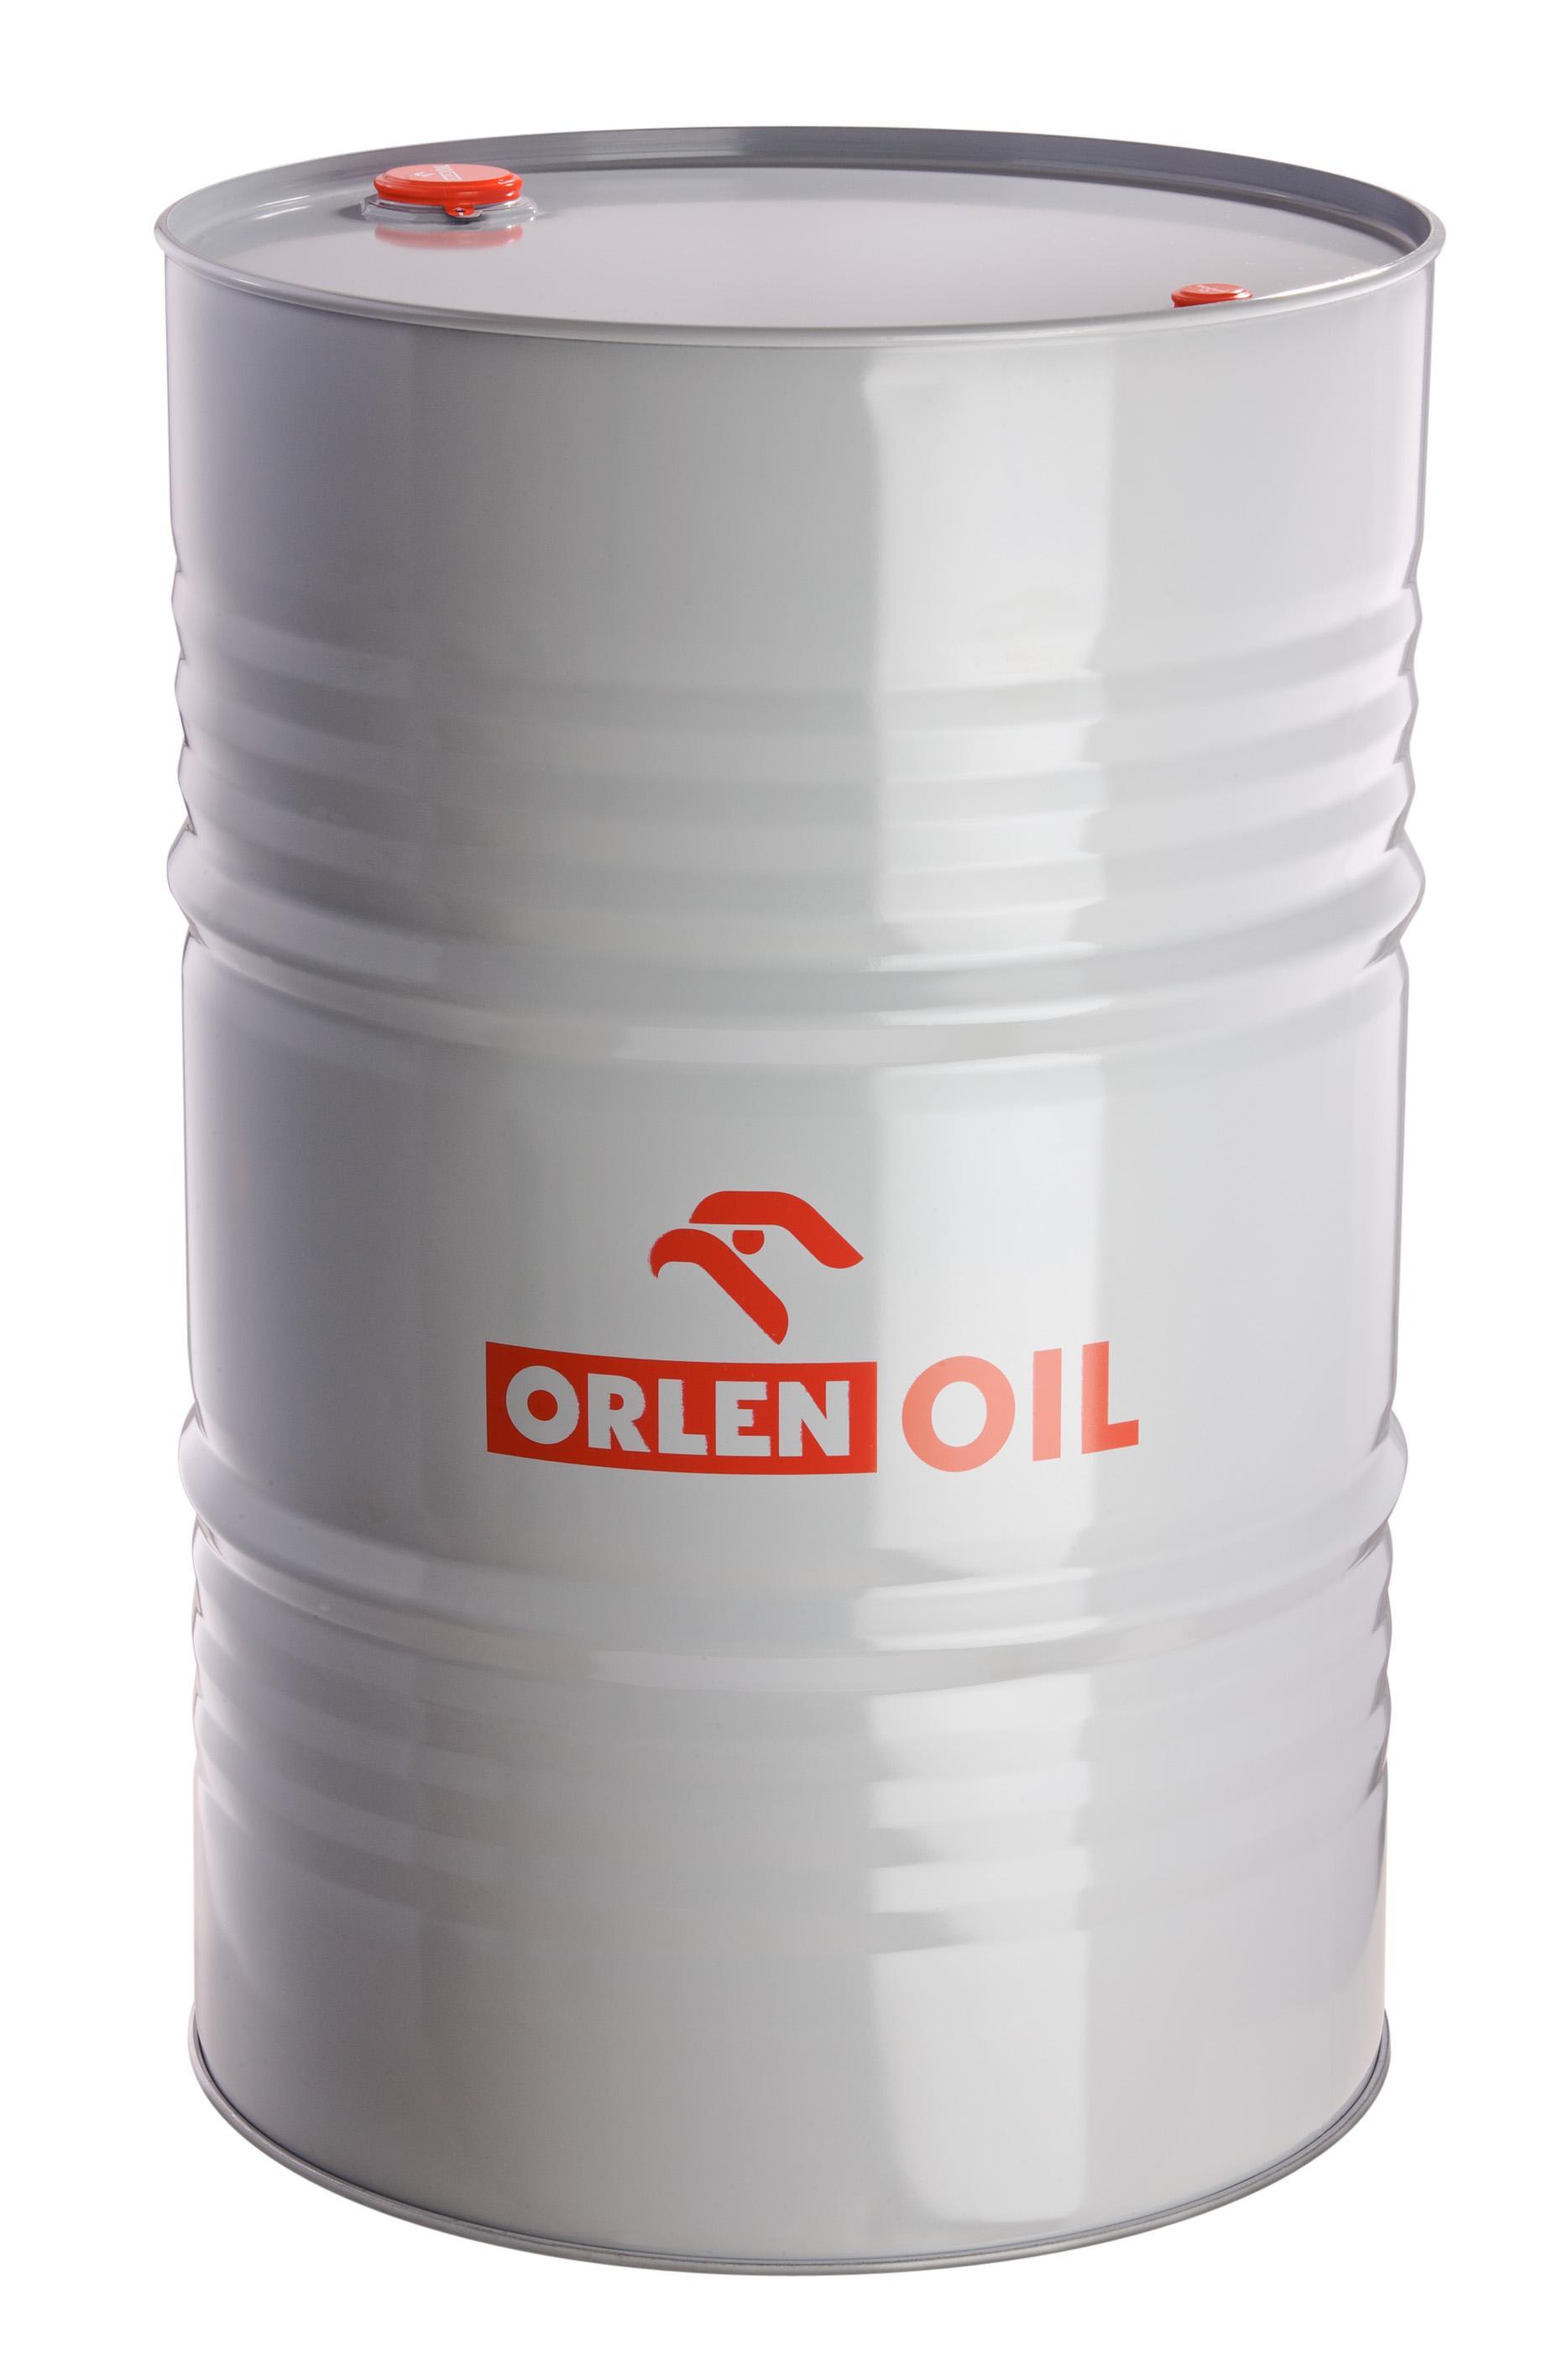 ORLEN OIL OLEJ TURBINOWY T-30    BECZKA 205L